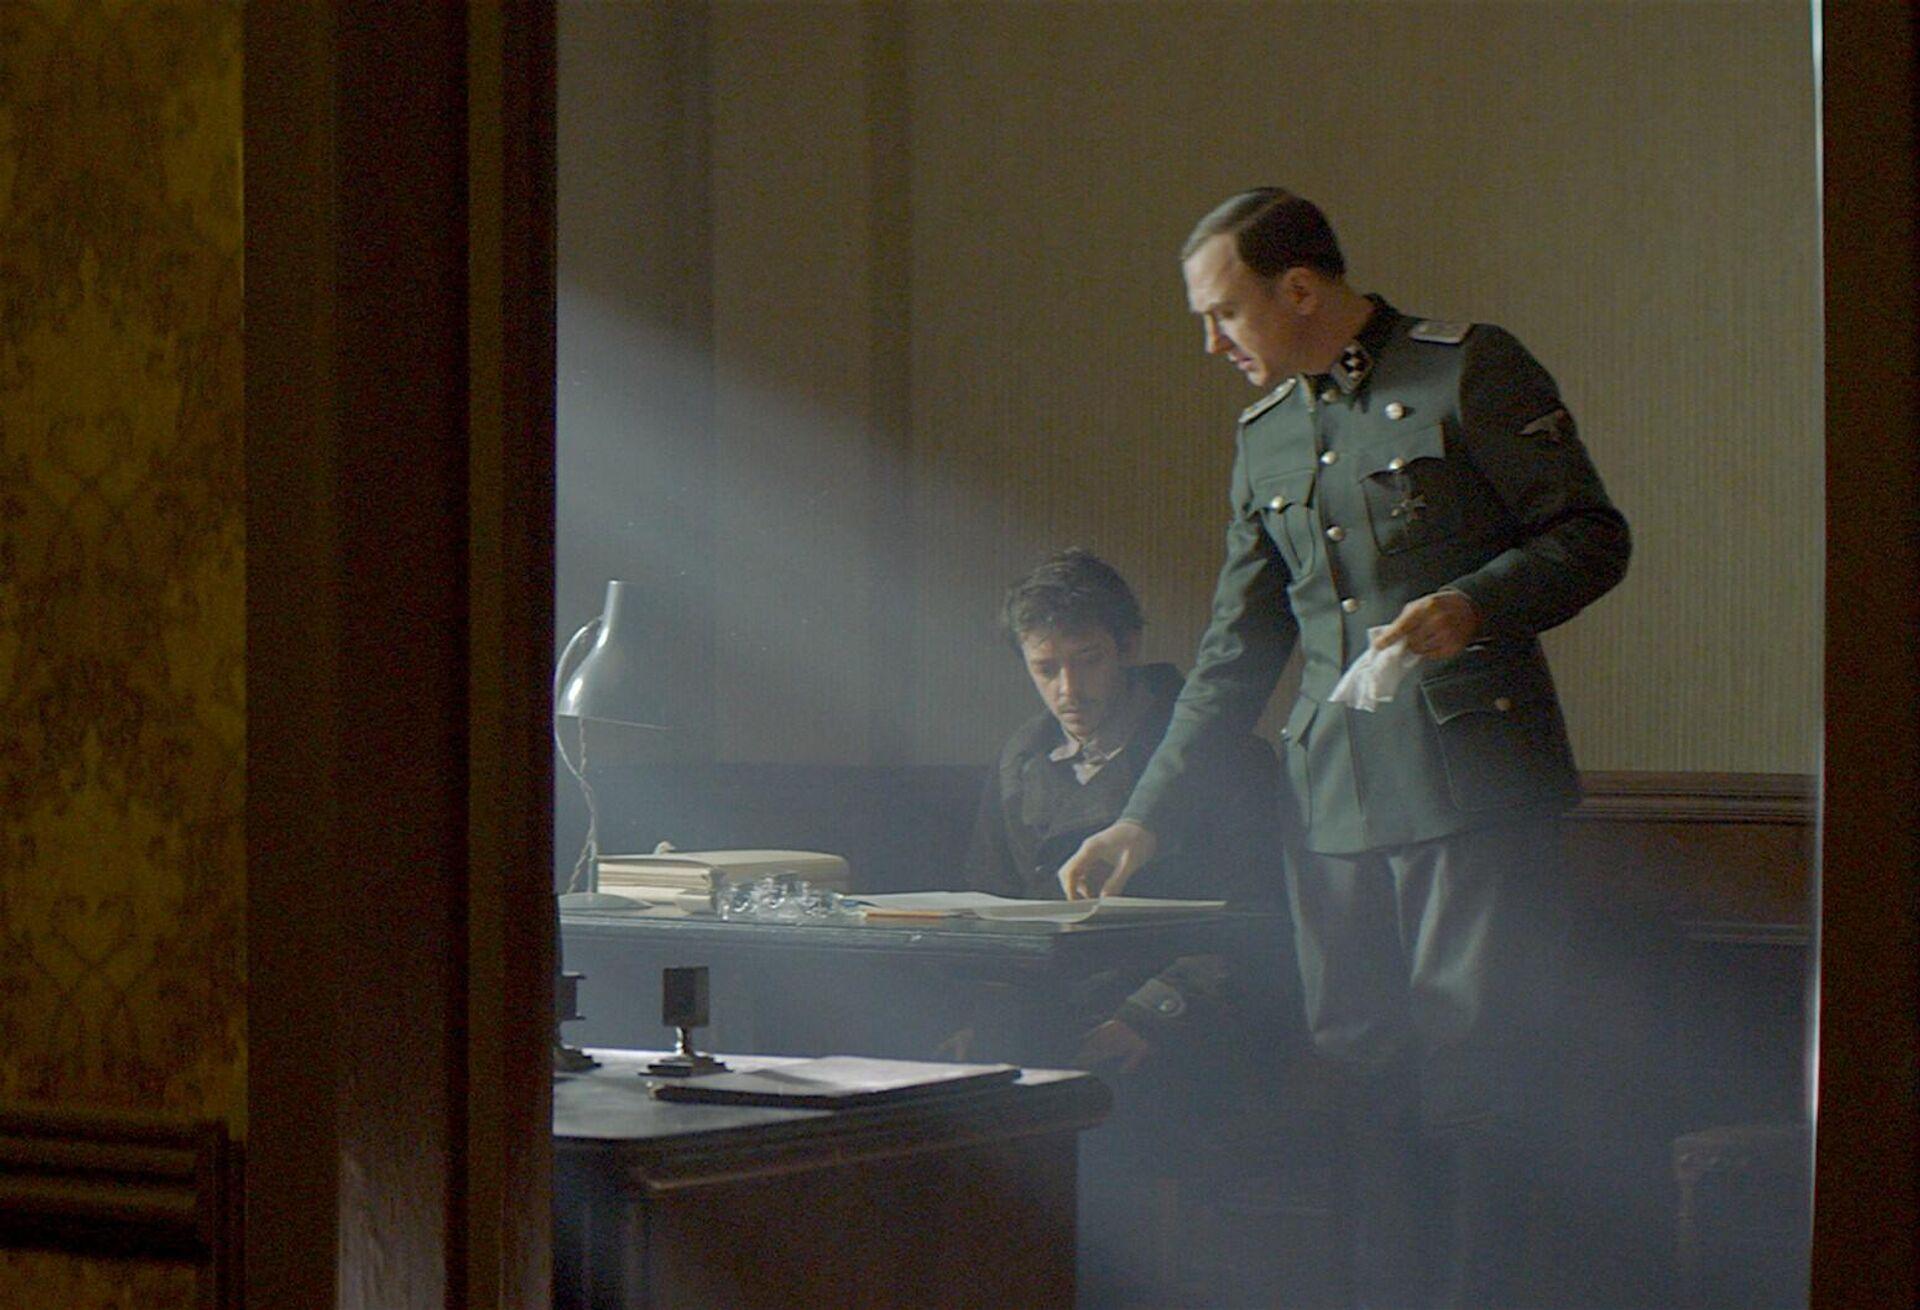 Будни блогера, драма о холокосте, переезд в США. Что смотреть в кино